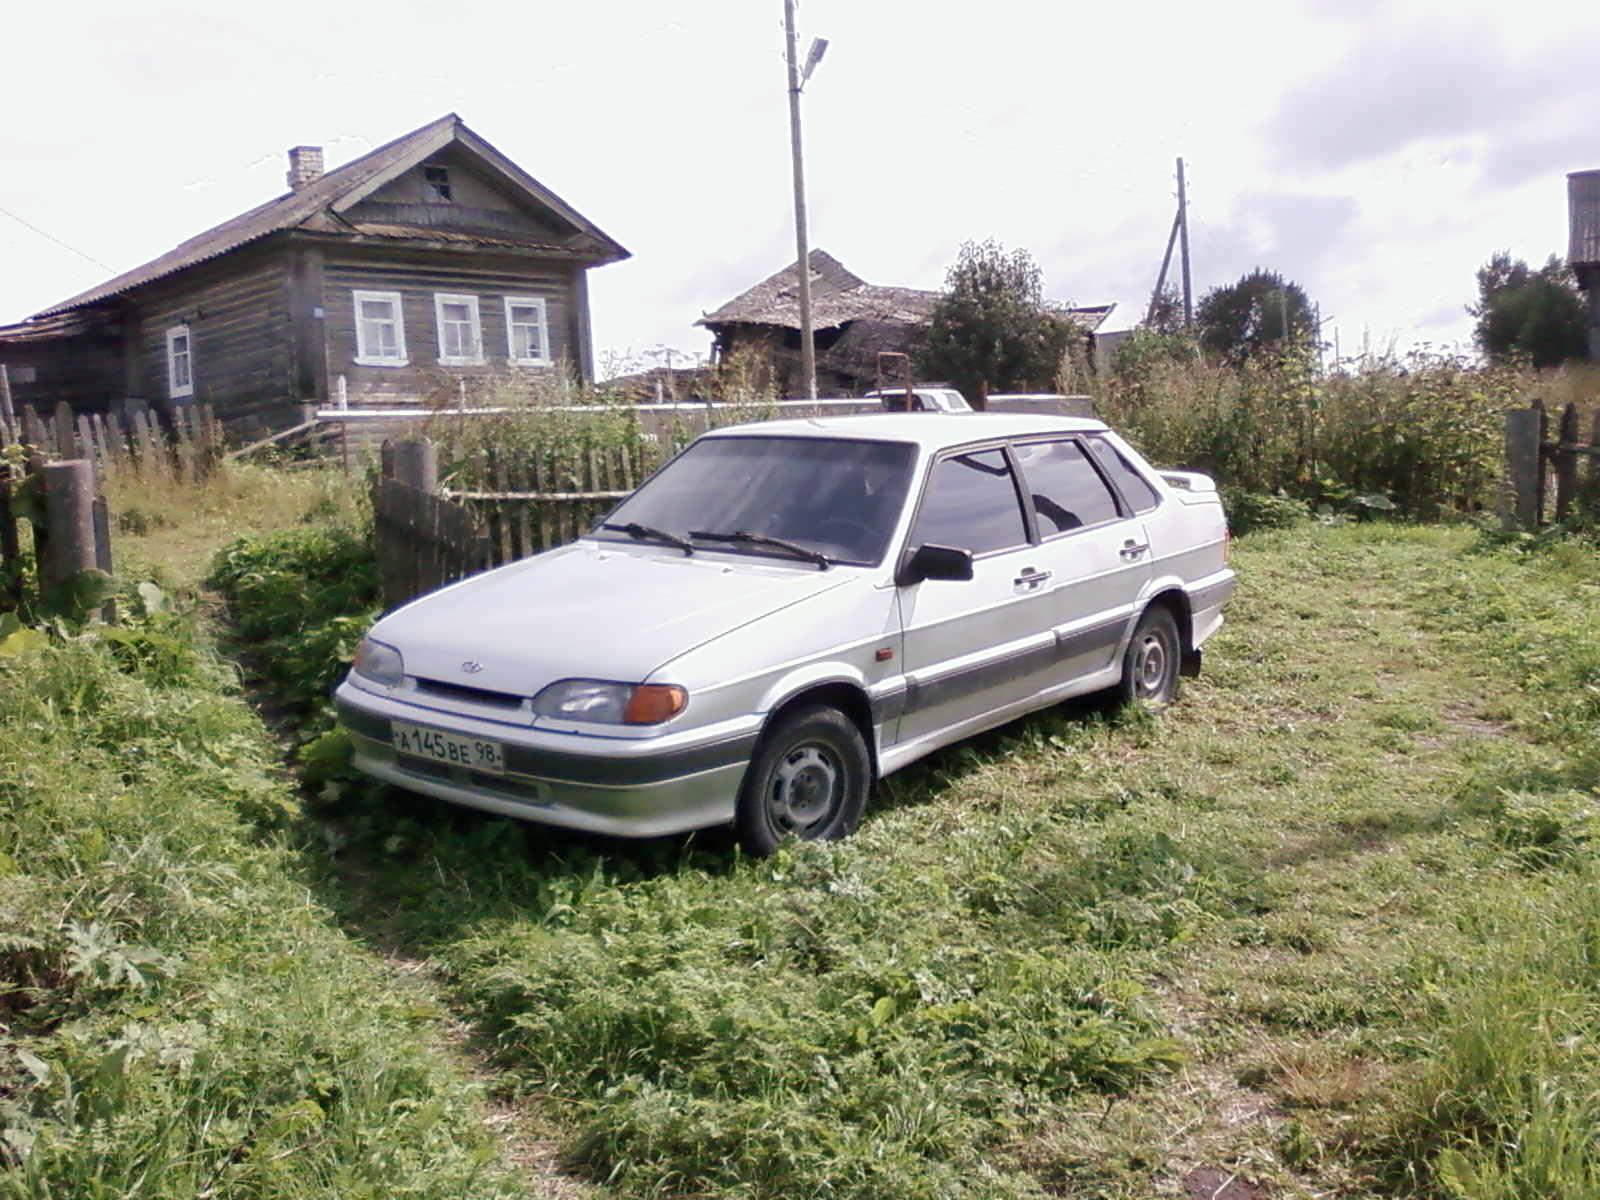 Бесплатные фотографии москвы 9